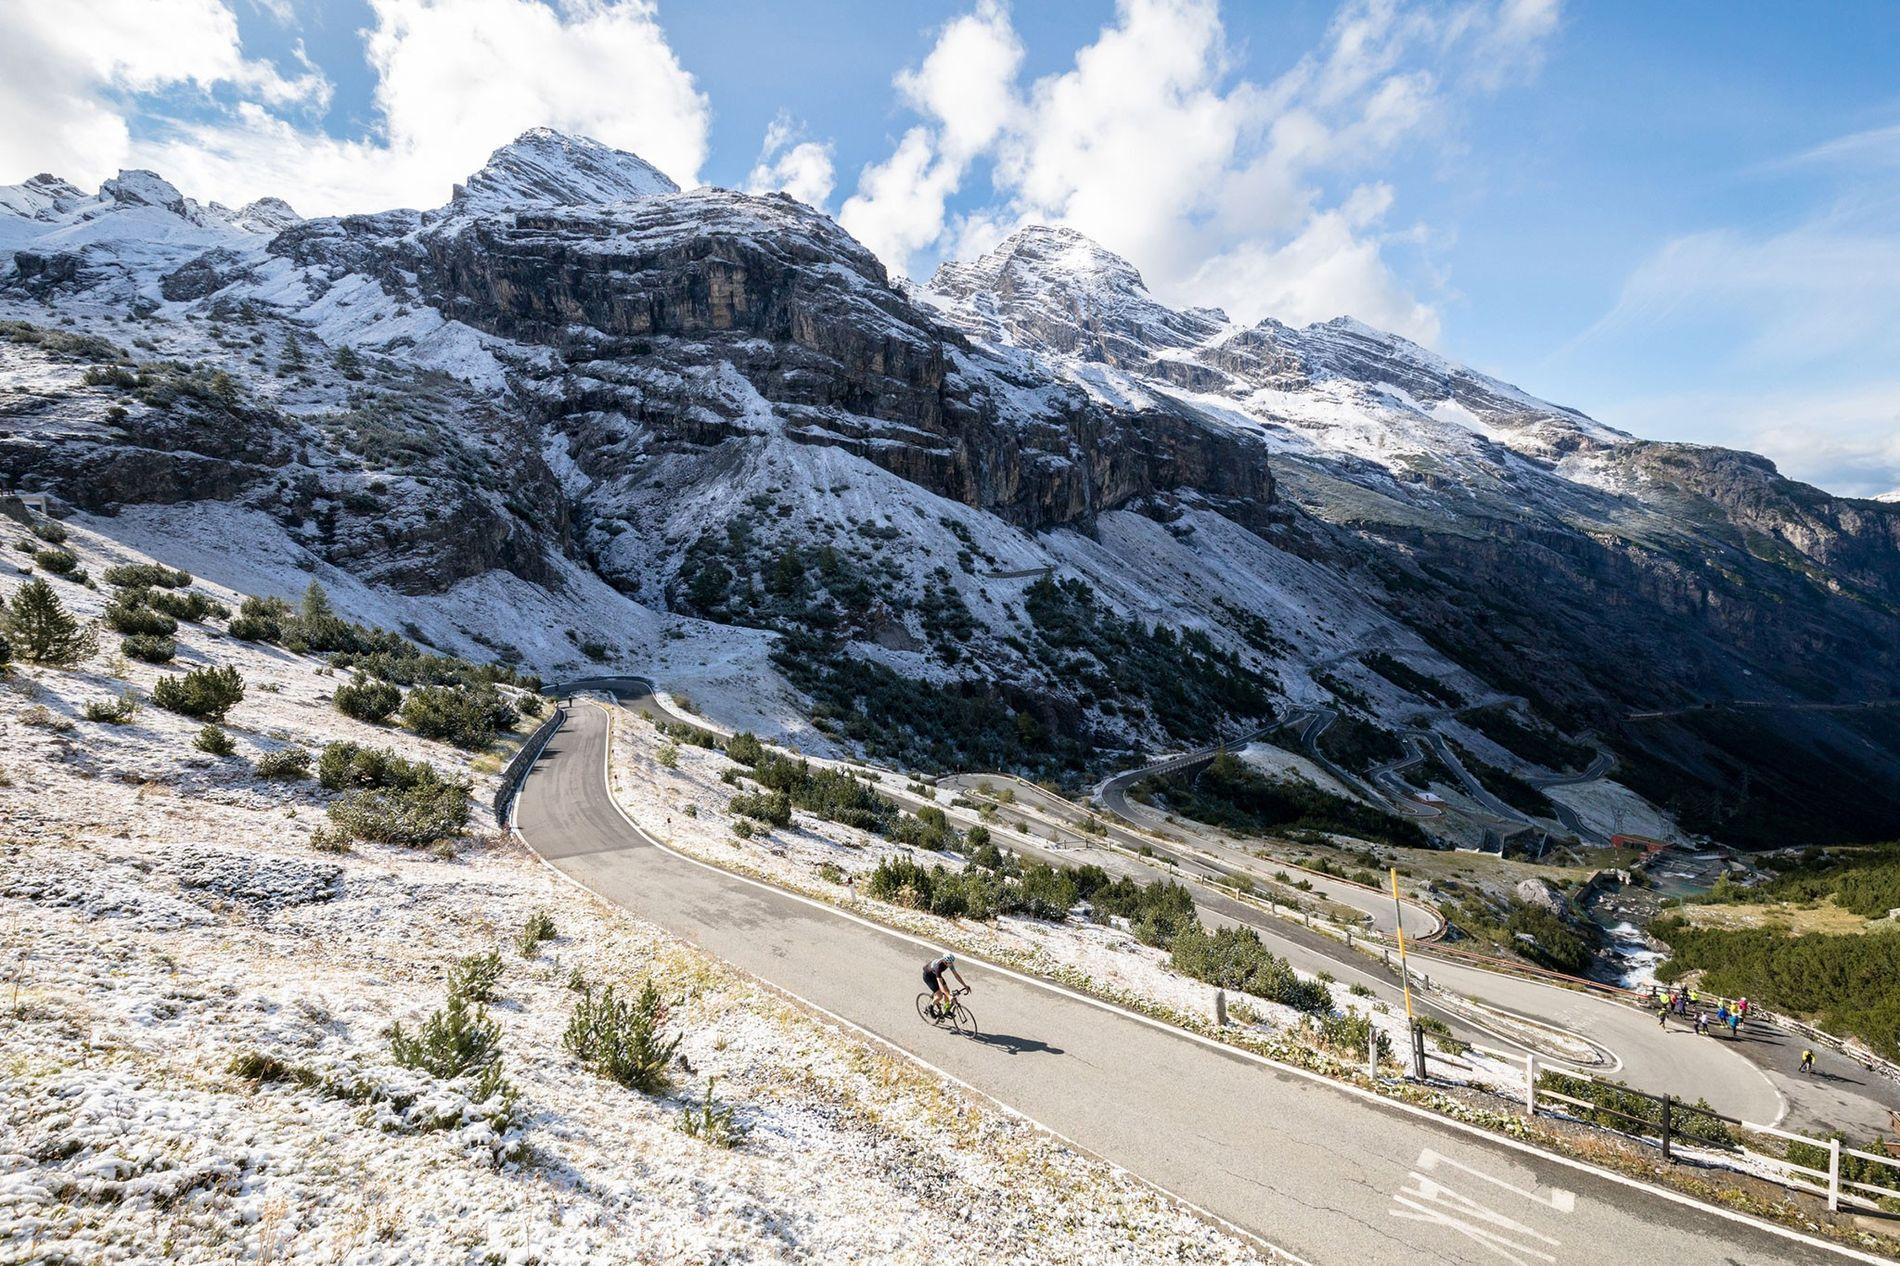 Am zweiten Tag der Gruppentour fährt ein Radfahrer das Stilfser Joch in den italienischen Dolomiten hinauf.